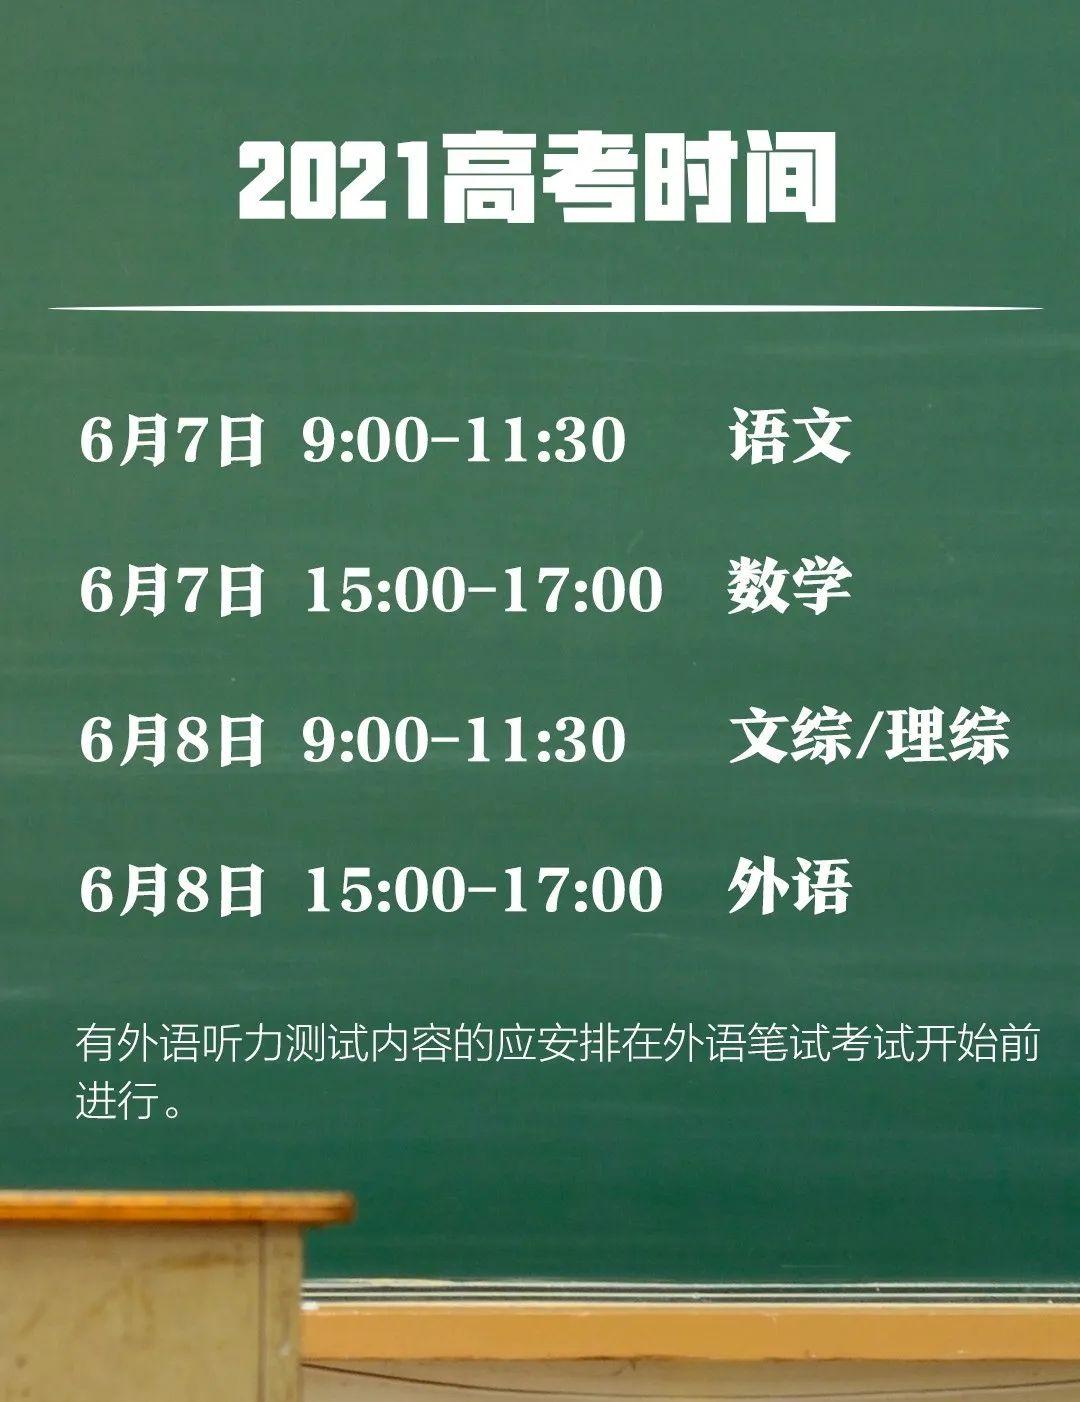 教育部官宣:2021年全国高考时间定了!